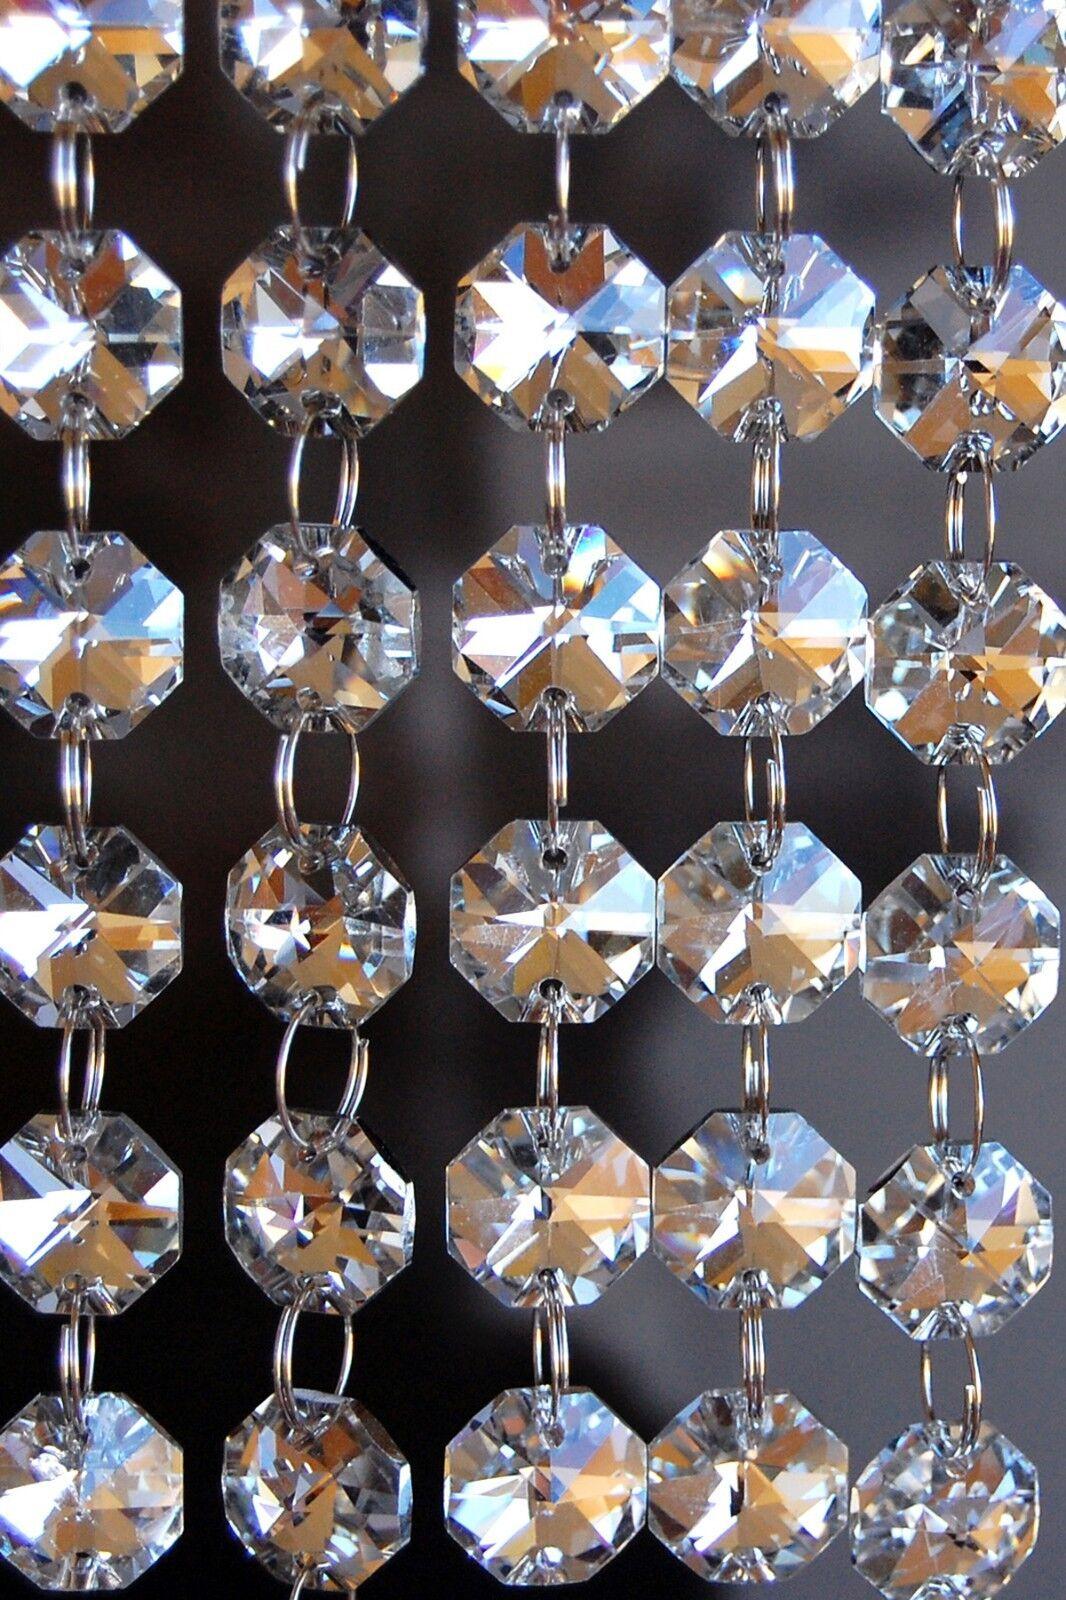 Revestimiento De Plata W Claro-Araña De Cristal De Plomo De Vidrio-Prismas cadenas-Octagon